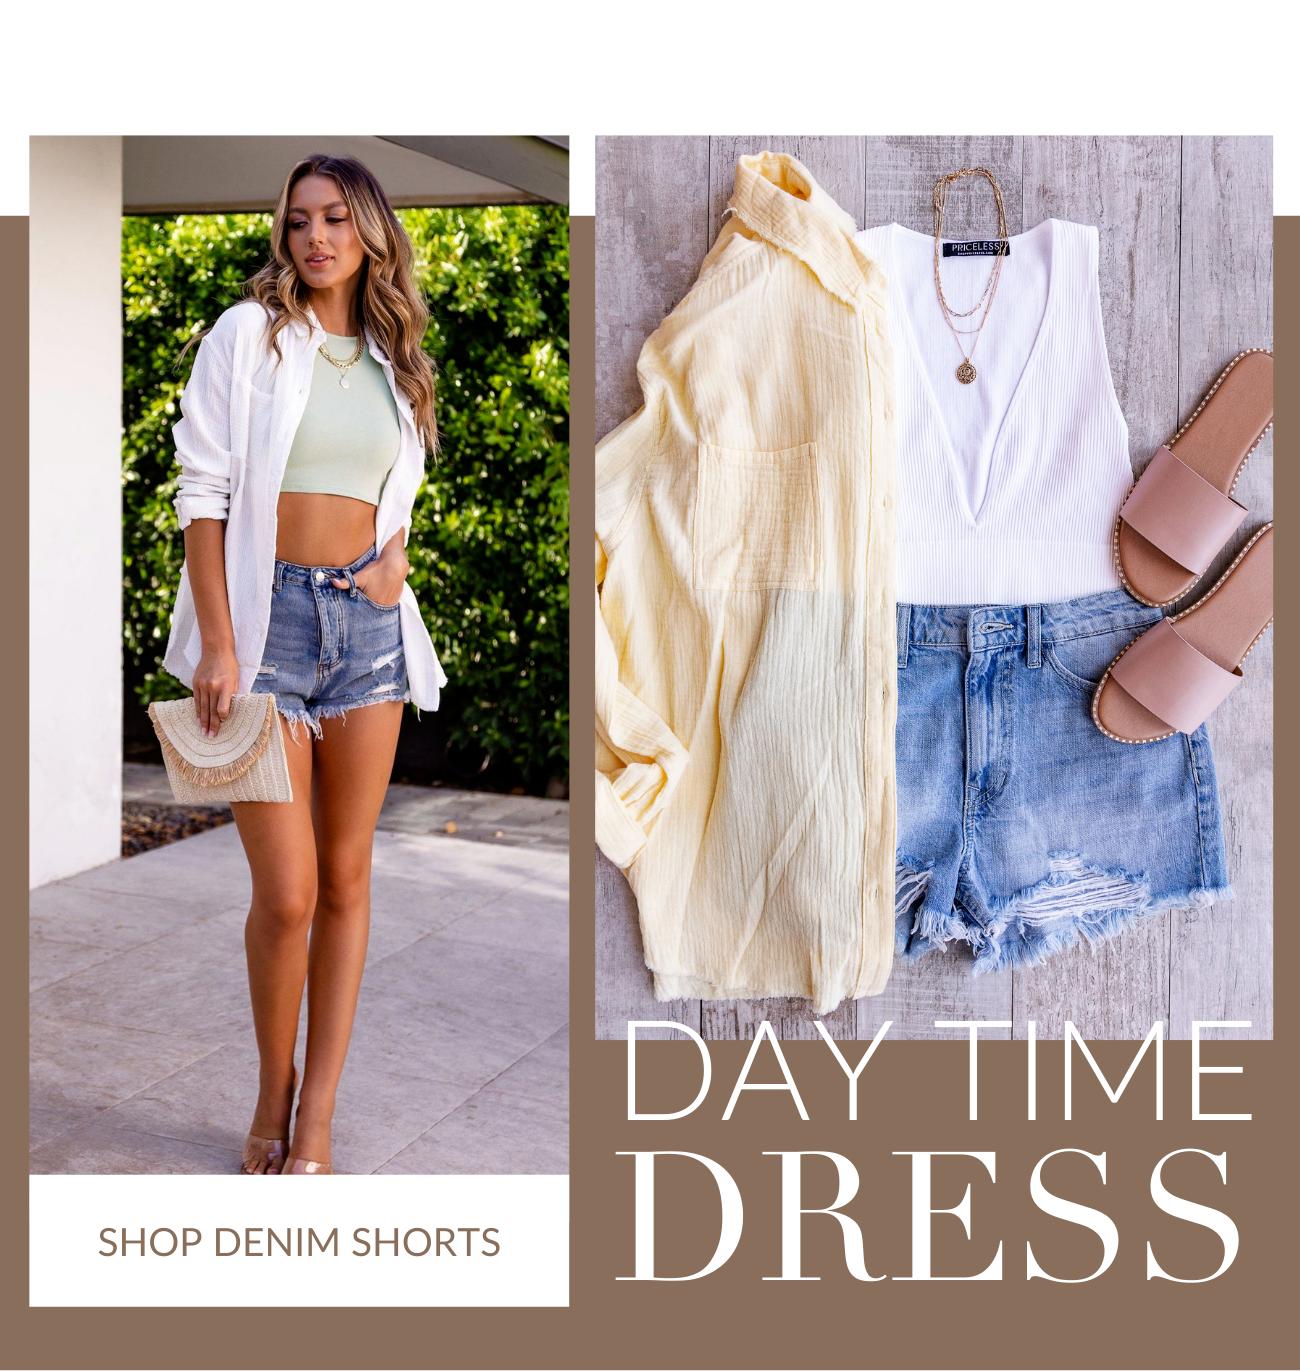 Shop Denim Shorts